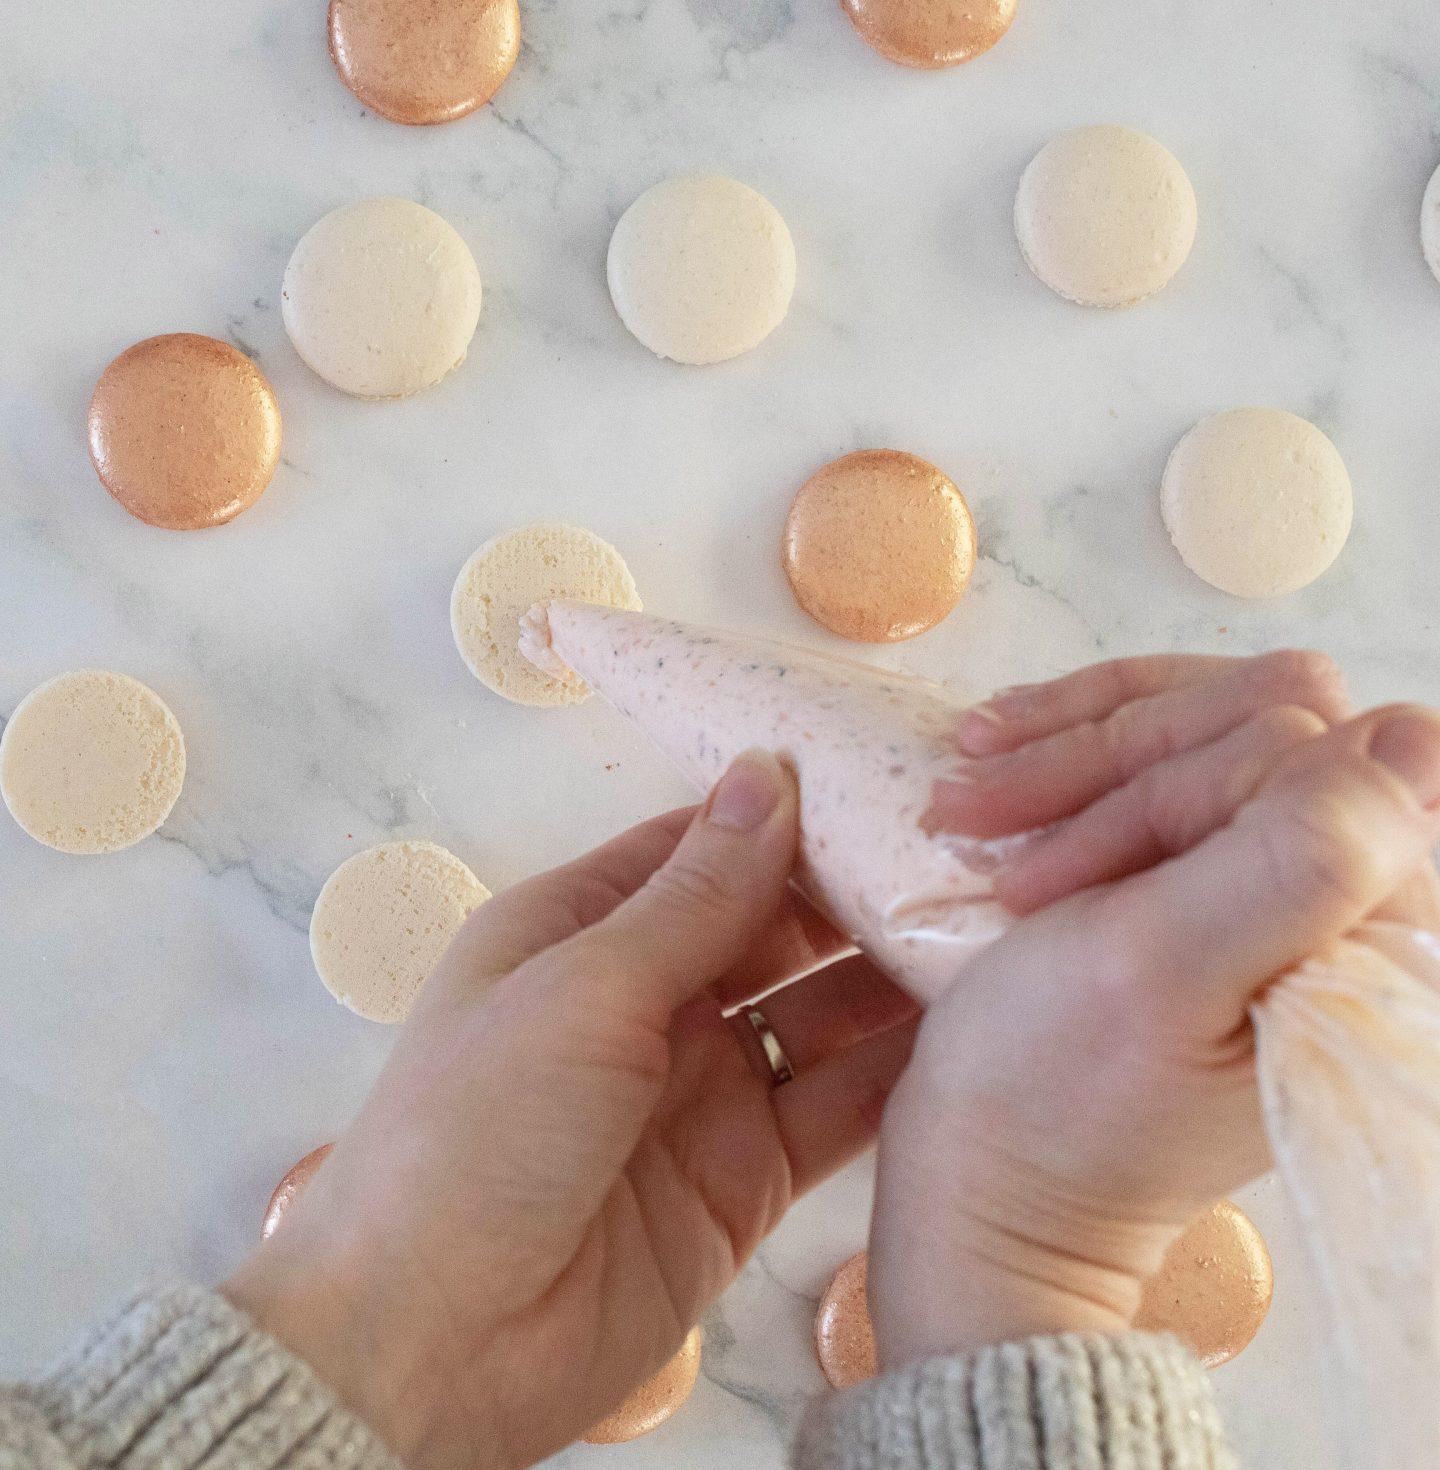 Illustration du montage de la recette de macarons salé au saumon